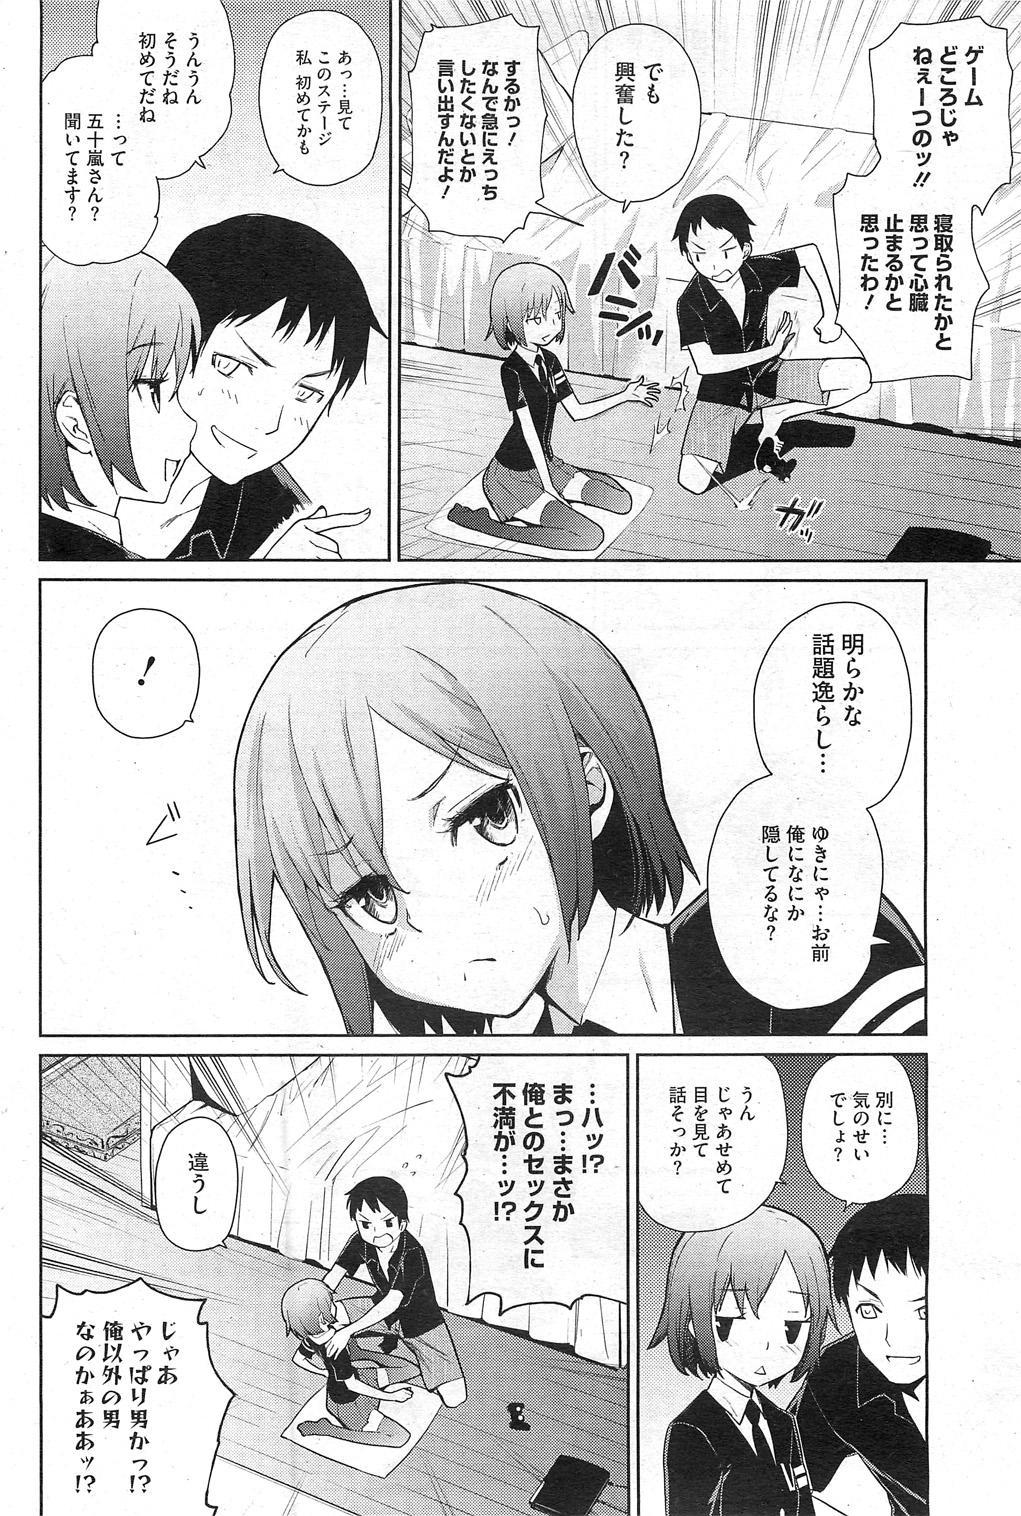 Yukinya #1-4 3